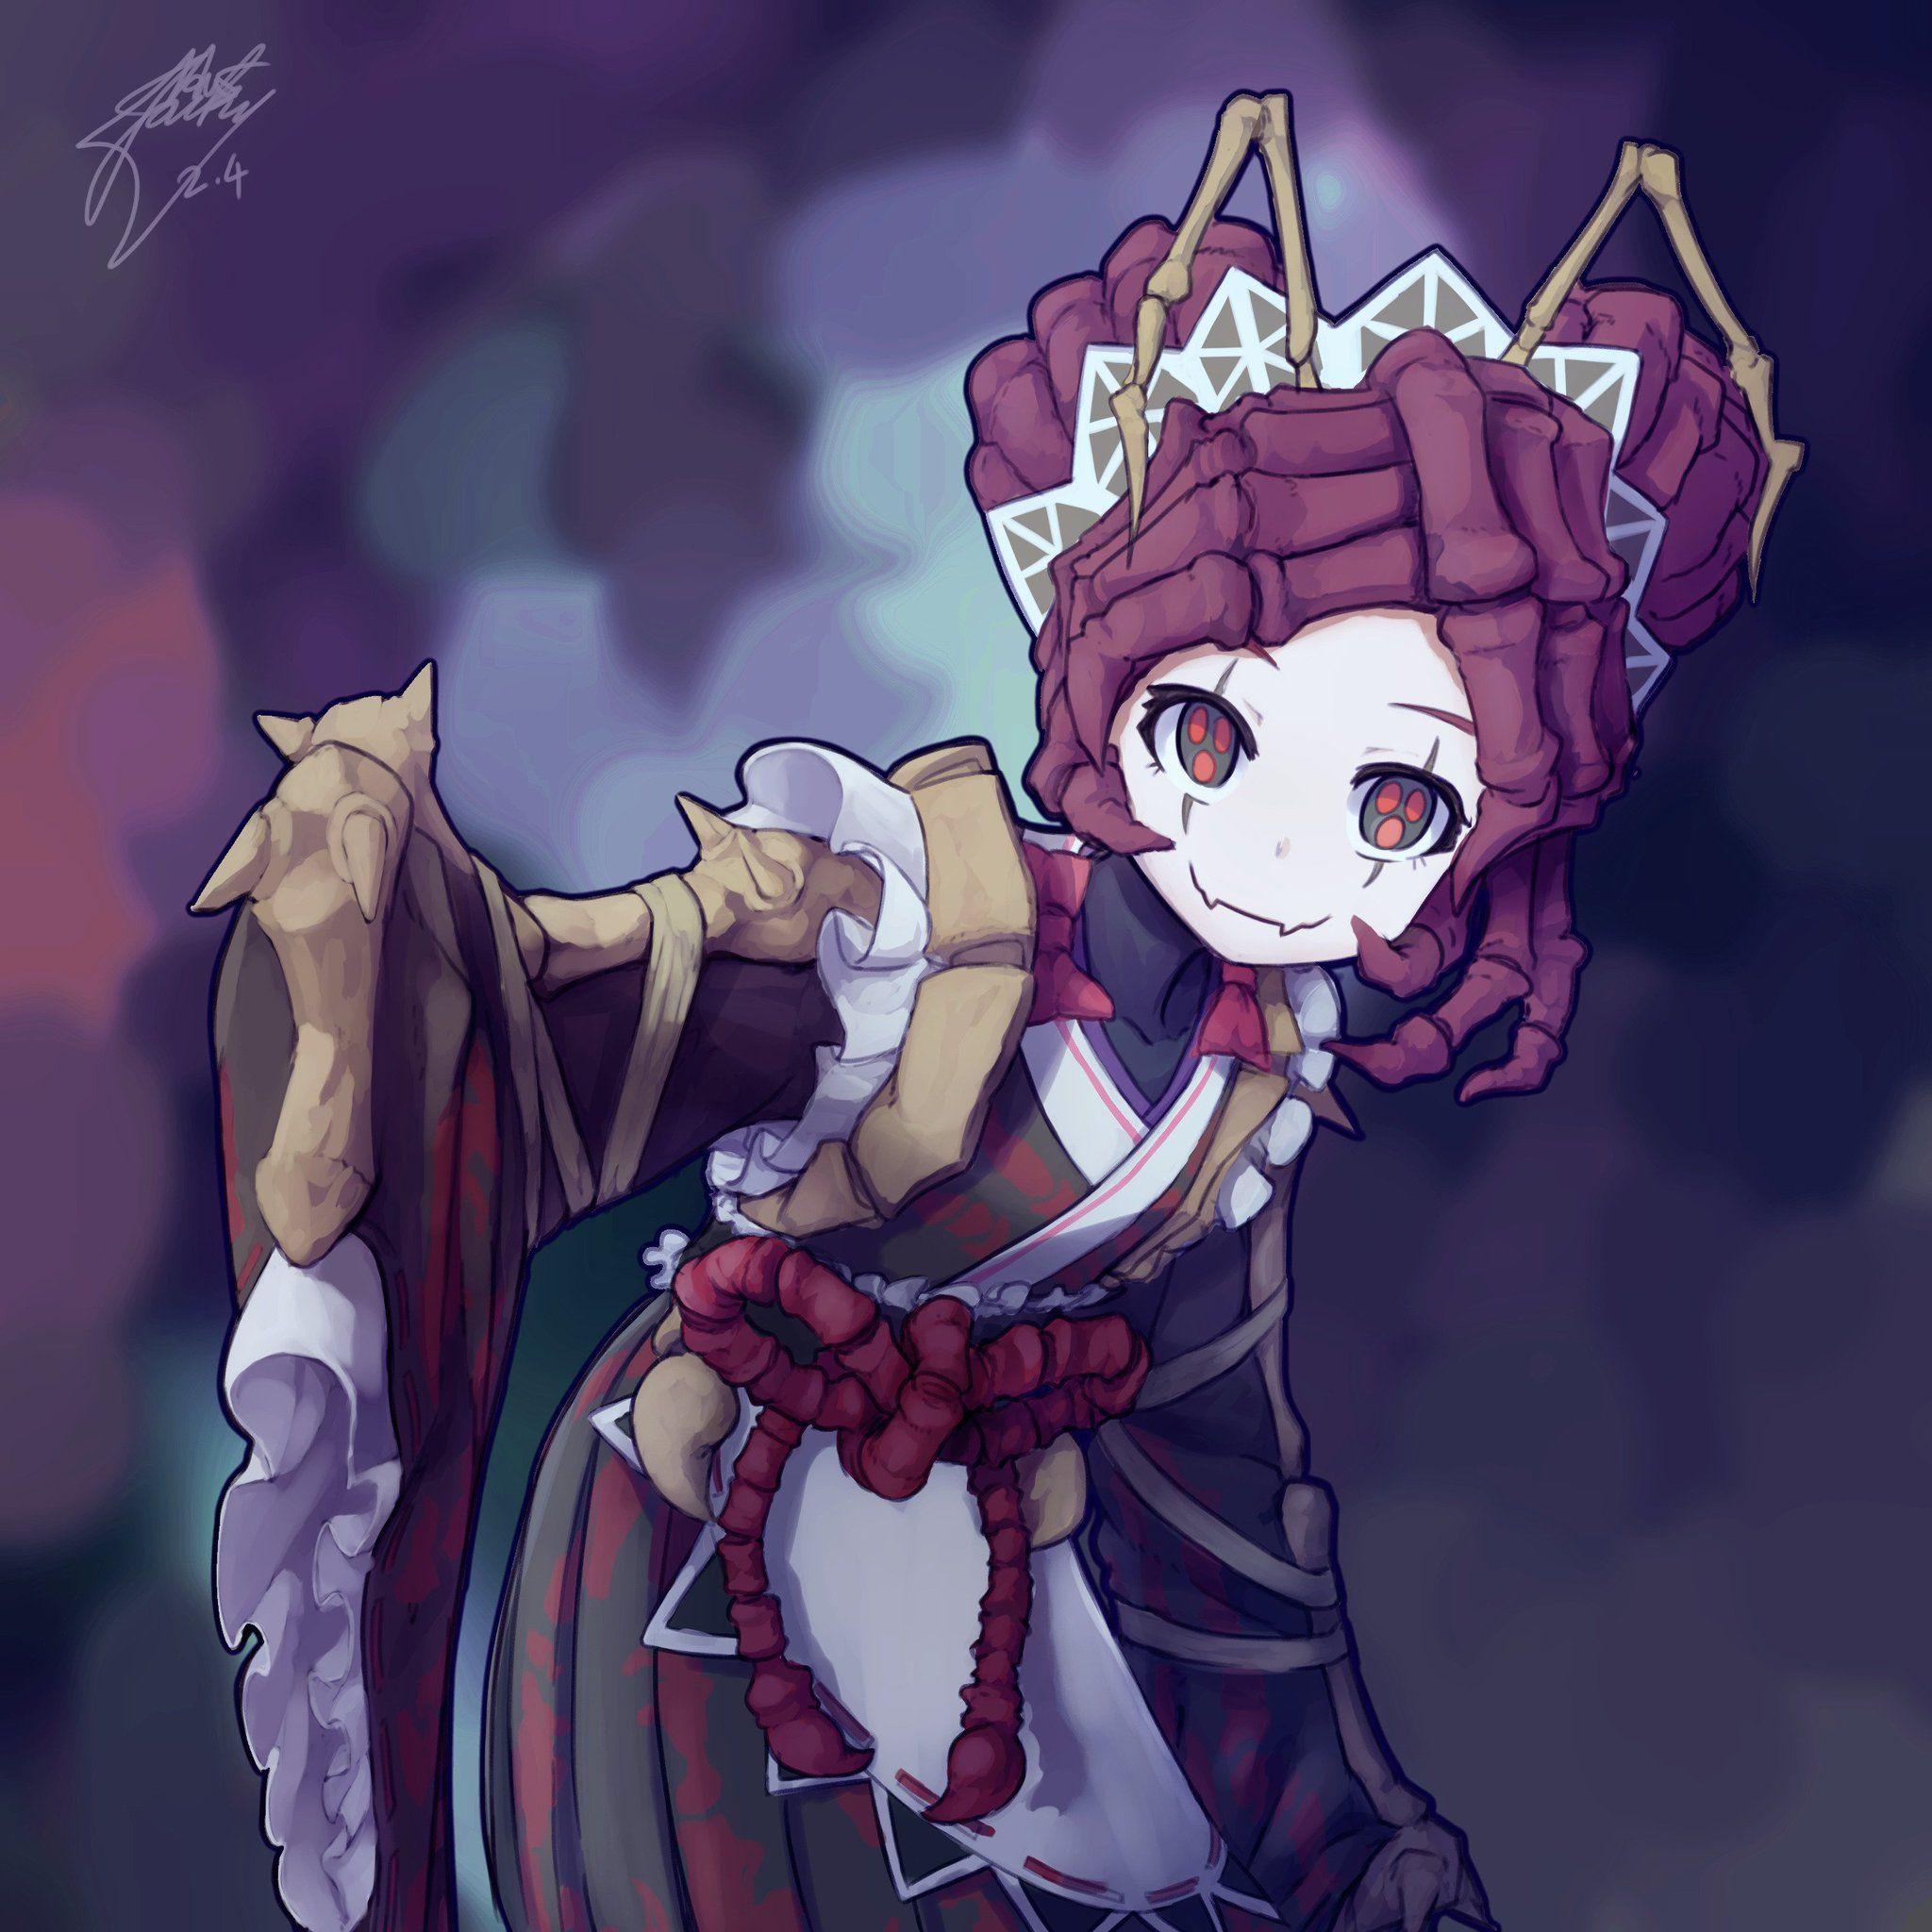 Entoma (Overlord) Anime, Anime fantasie, Kawaii anime